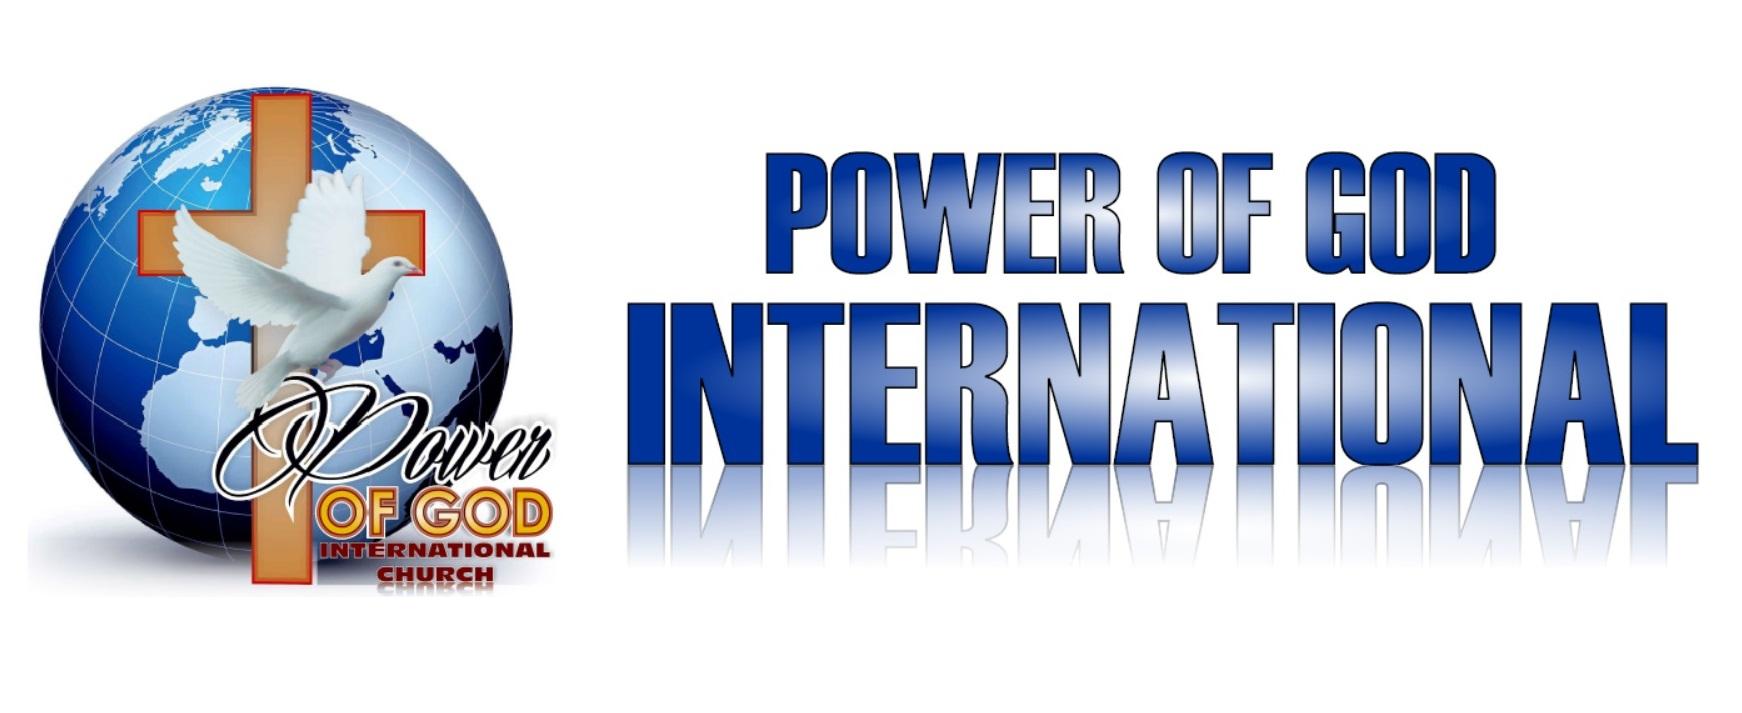 Power Of God International Church – Iniphatele ingxikela ye